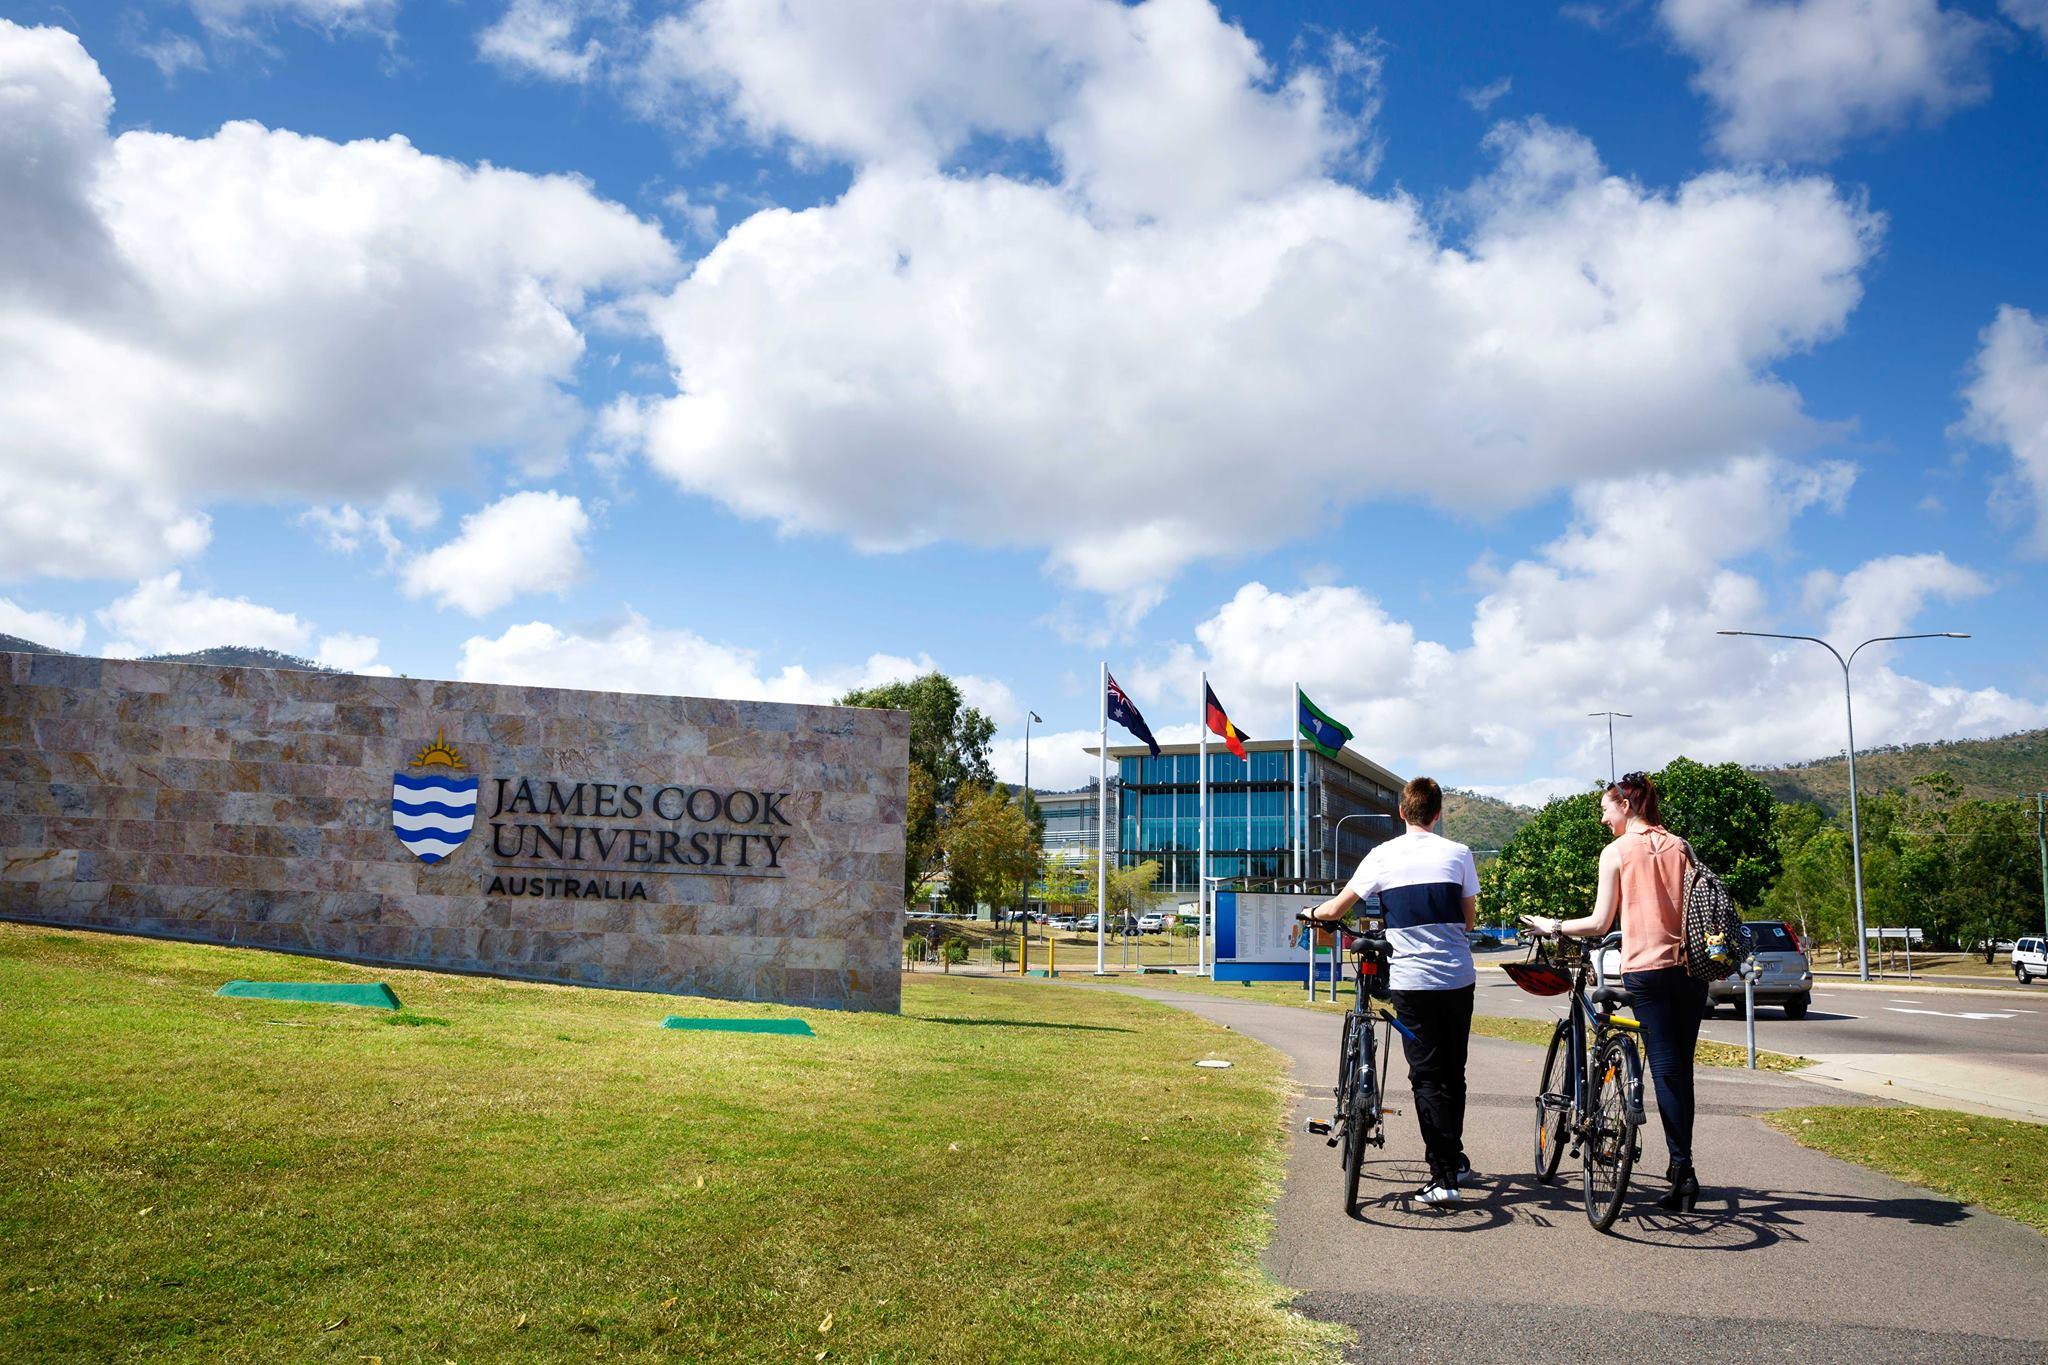 جامعة جيمس كوك – JAMES COOK UNIVERSITY-JCU